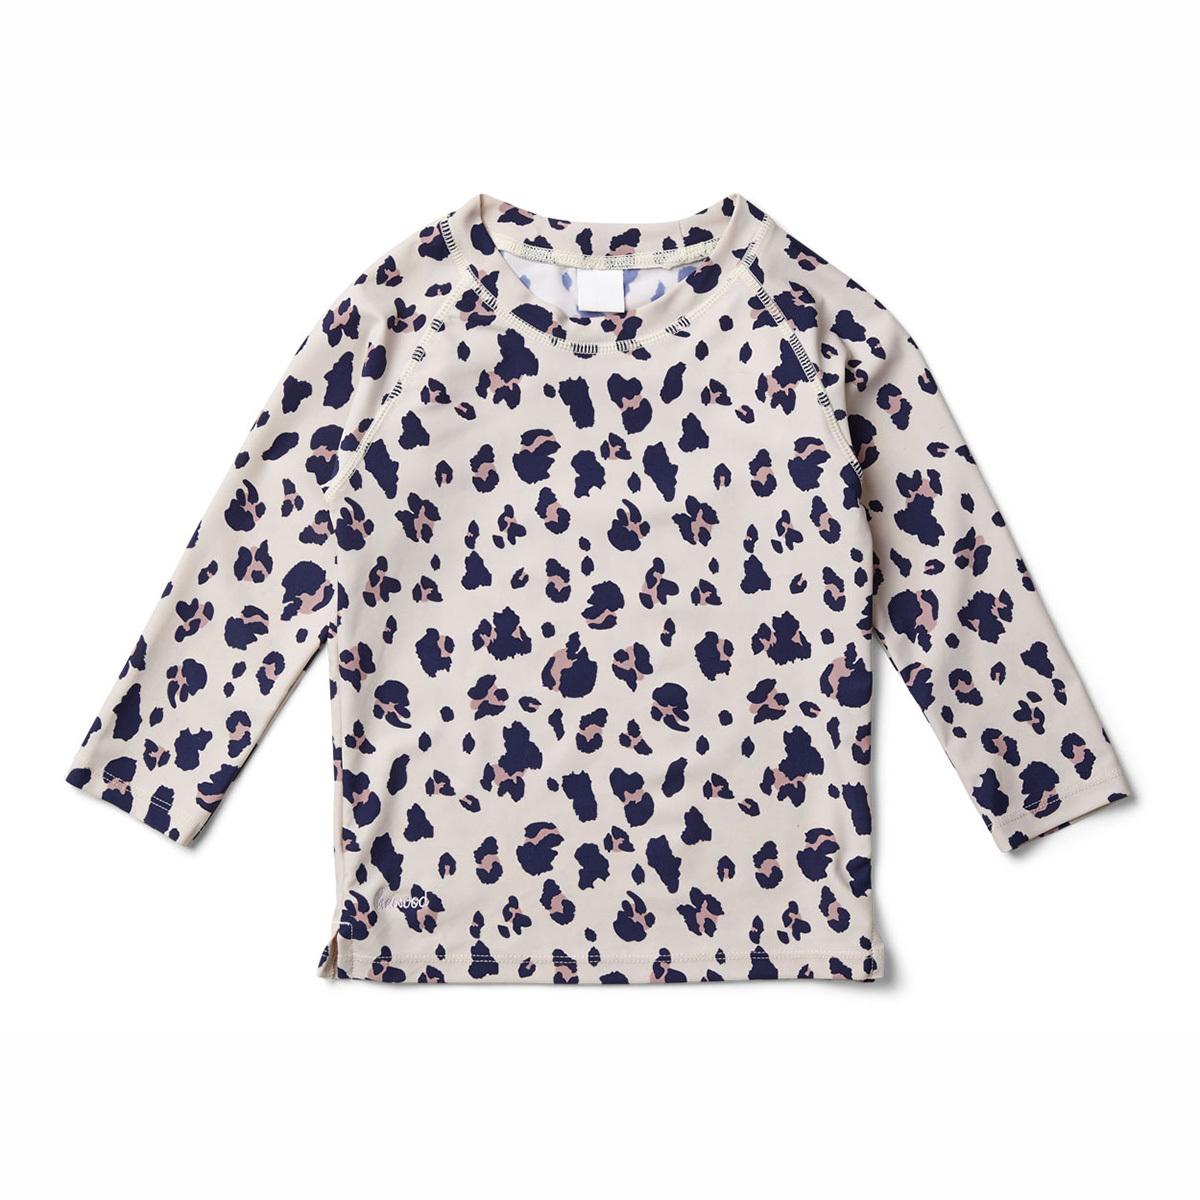 Accessoires bébé T-Shirt Noah - Leo Beige Beauty - 6/12 Mois T-Shirt Noah - Leo Beige Beauty - 6/12 Mois